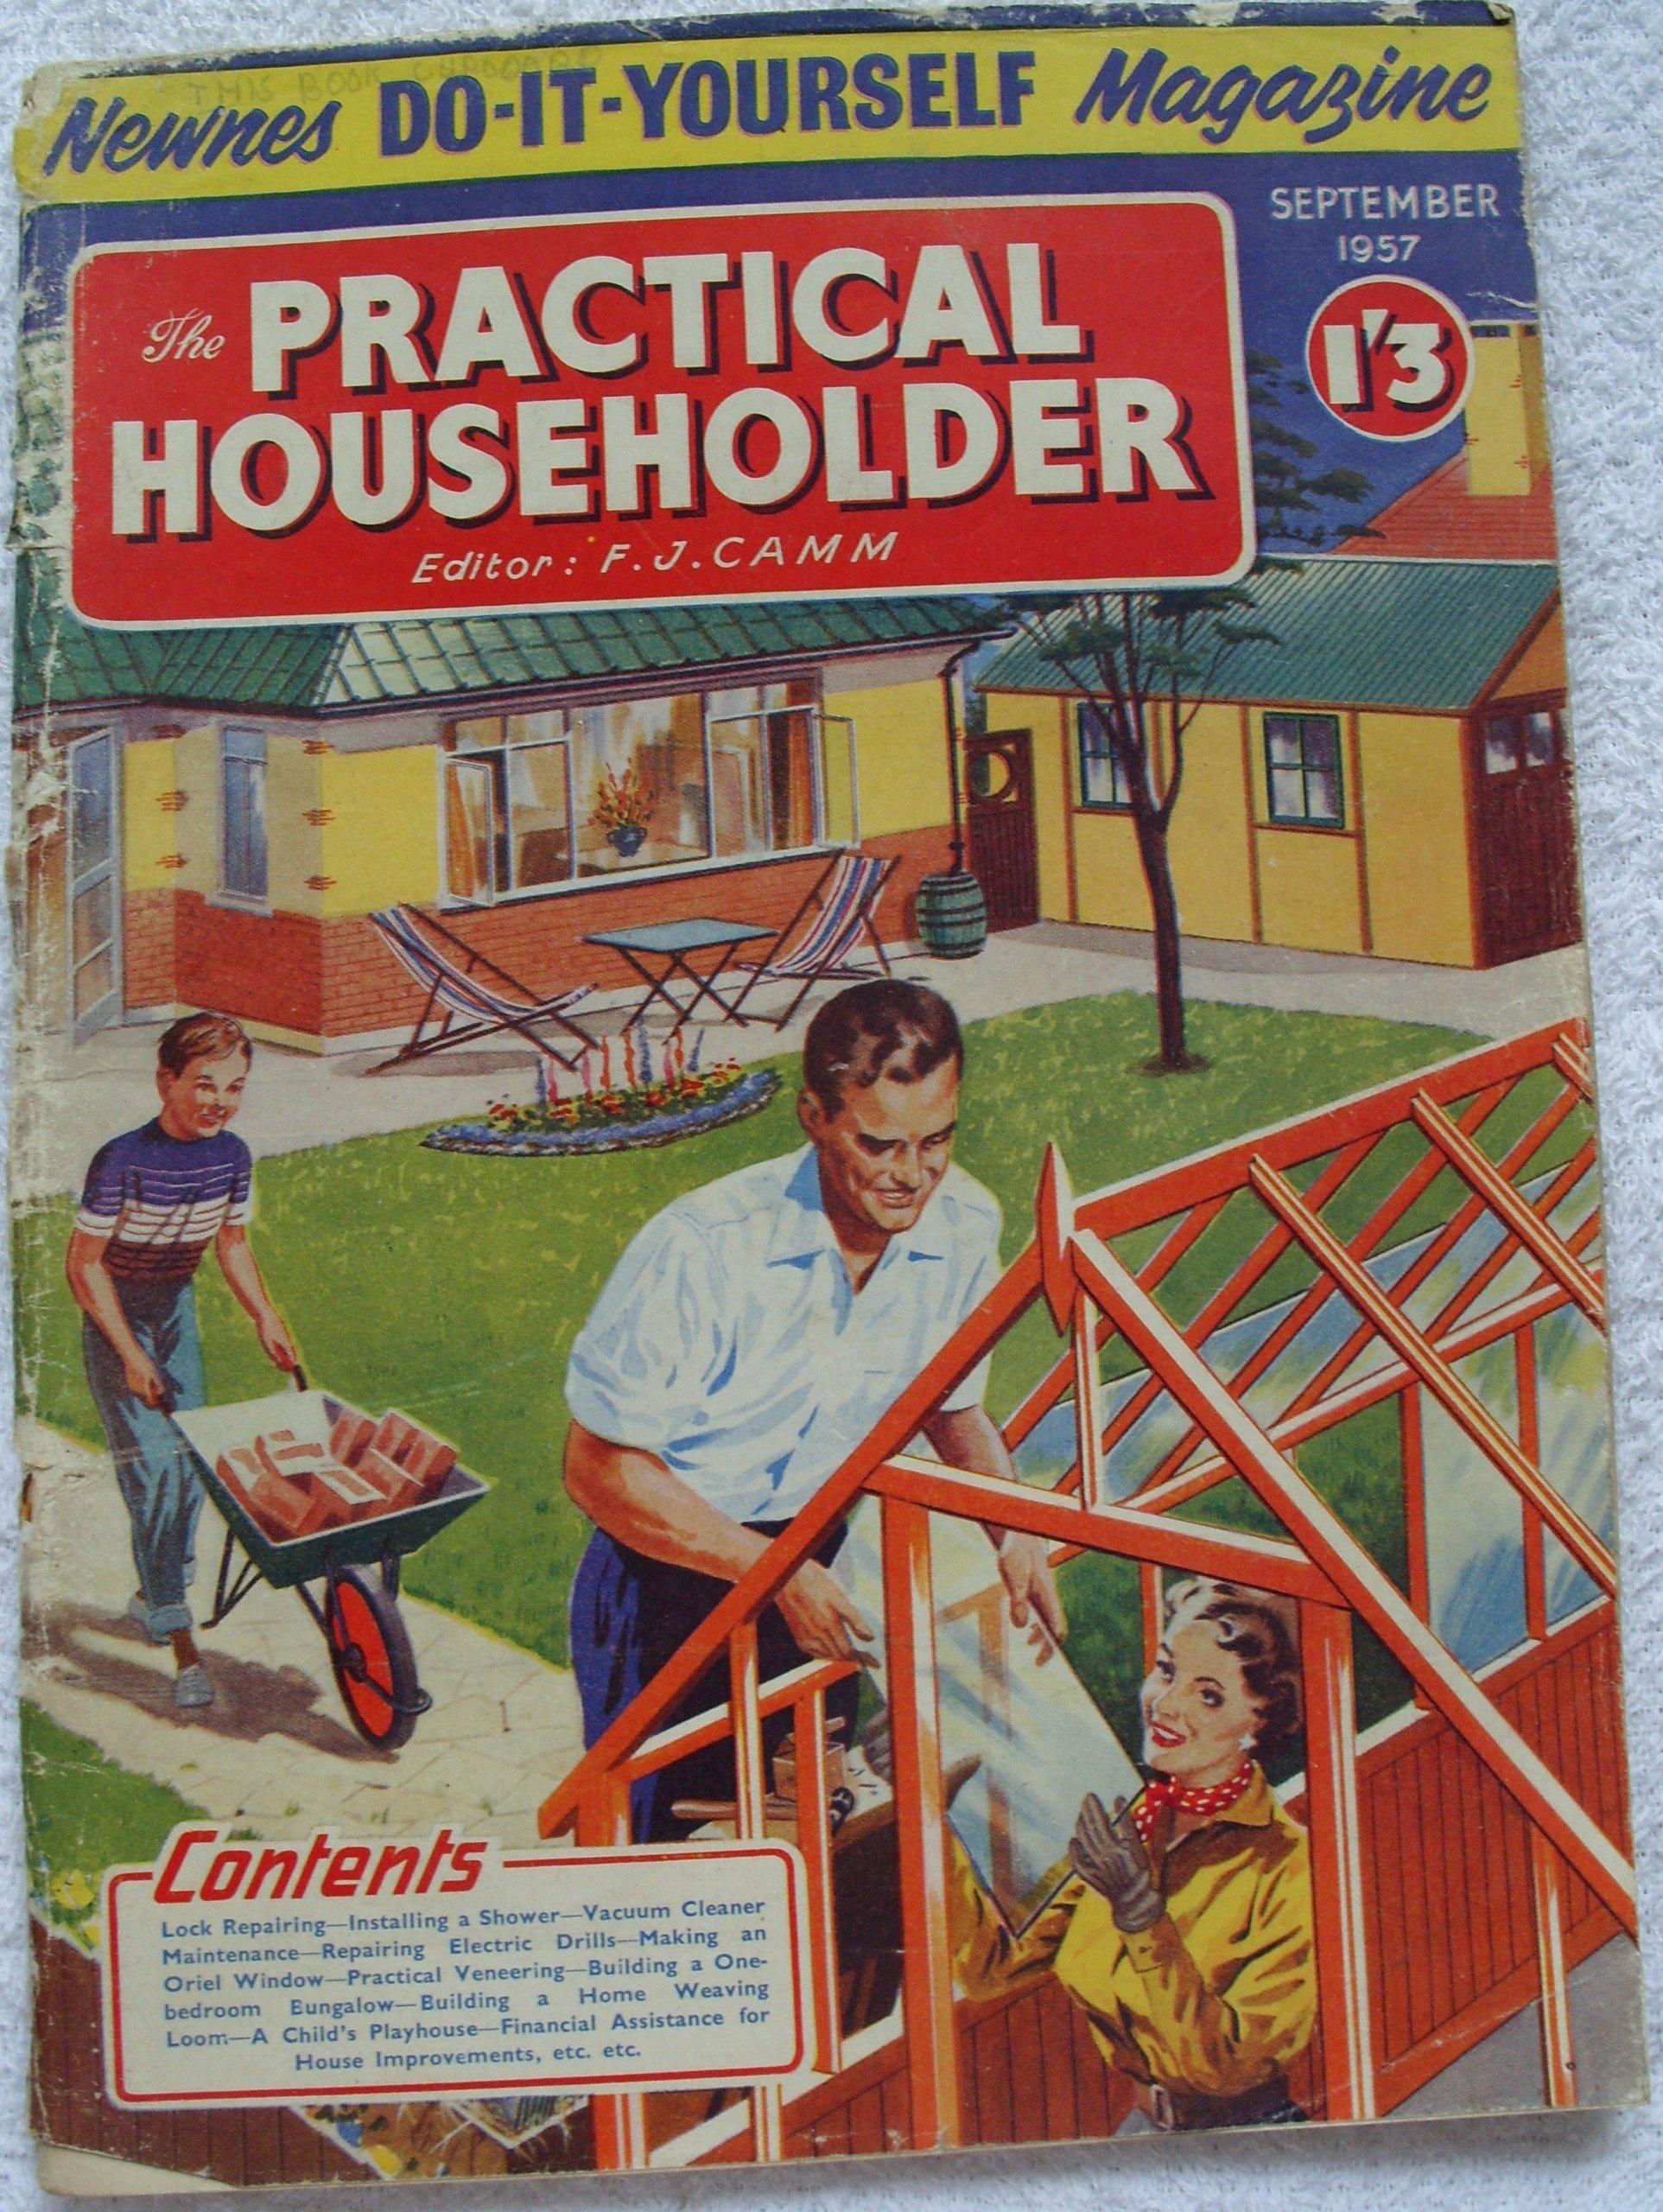 The practical householder september 1957 newnes do it yourself the practical householder september 1957 newnes do it yourself magazine amazon books solutioingenieria Gallery